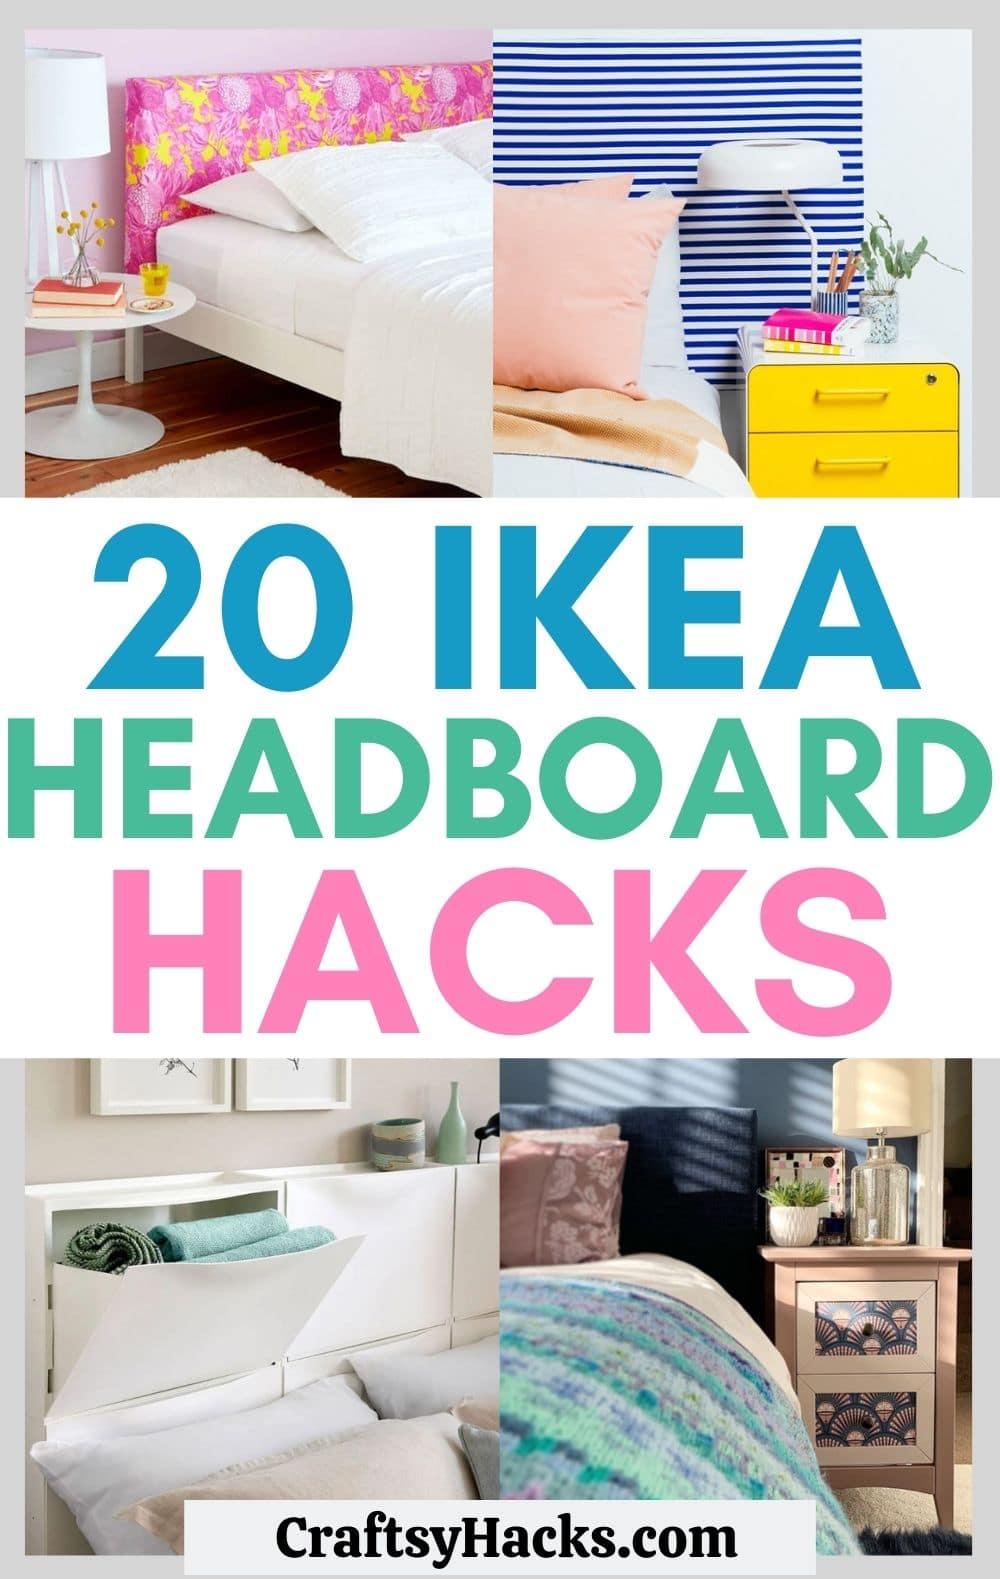 IKEA headboard hacks